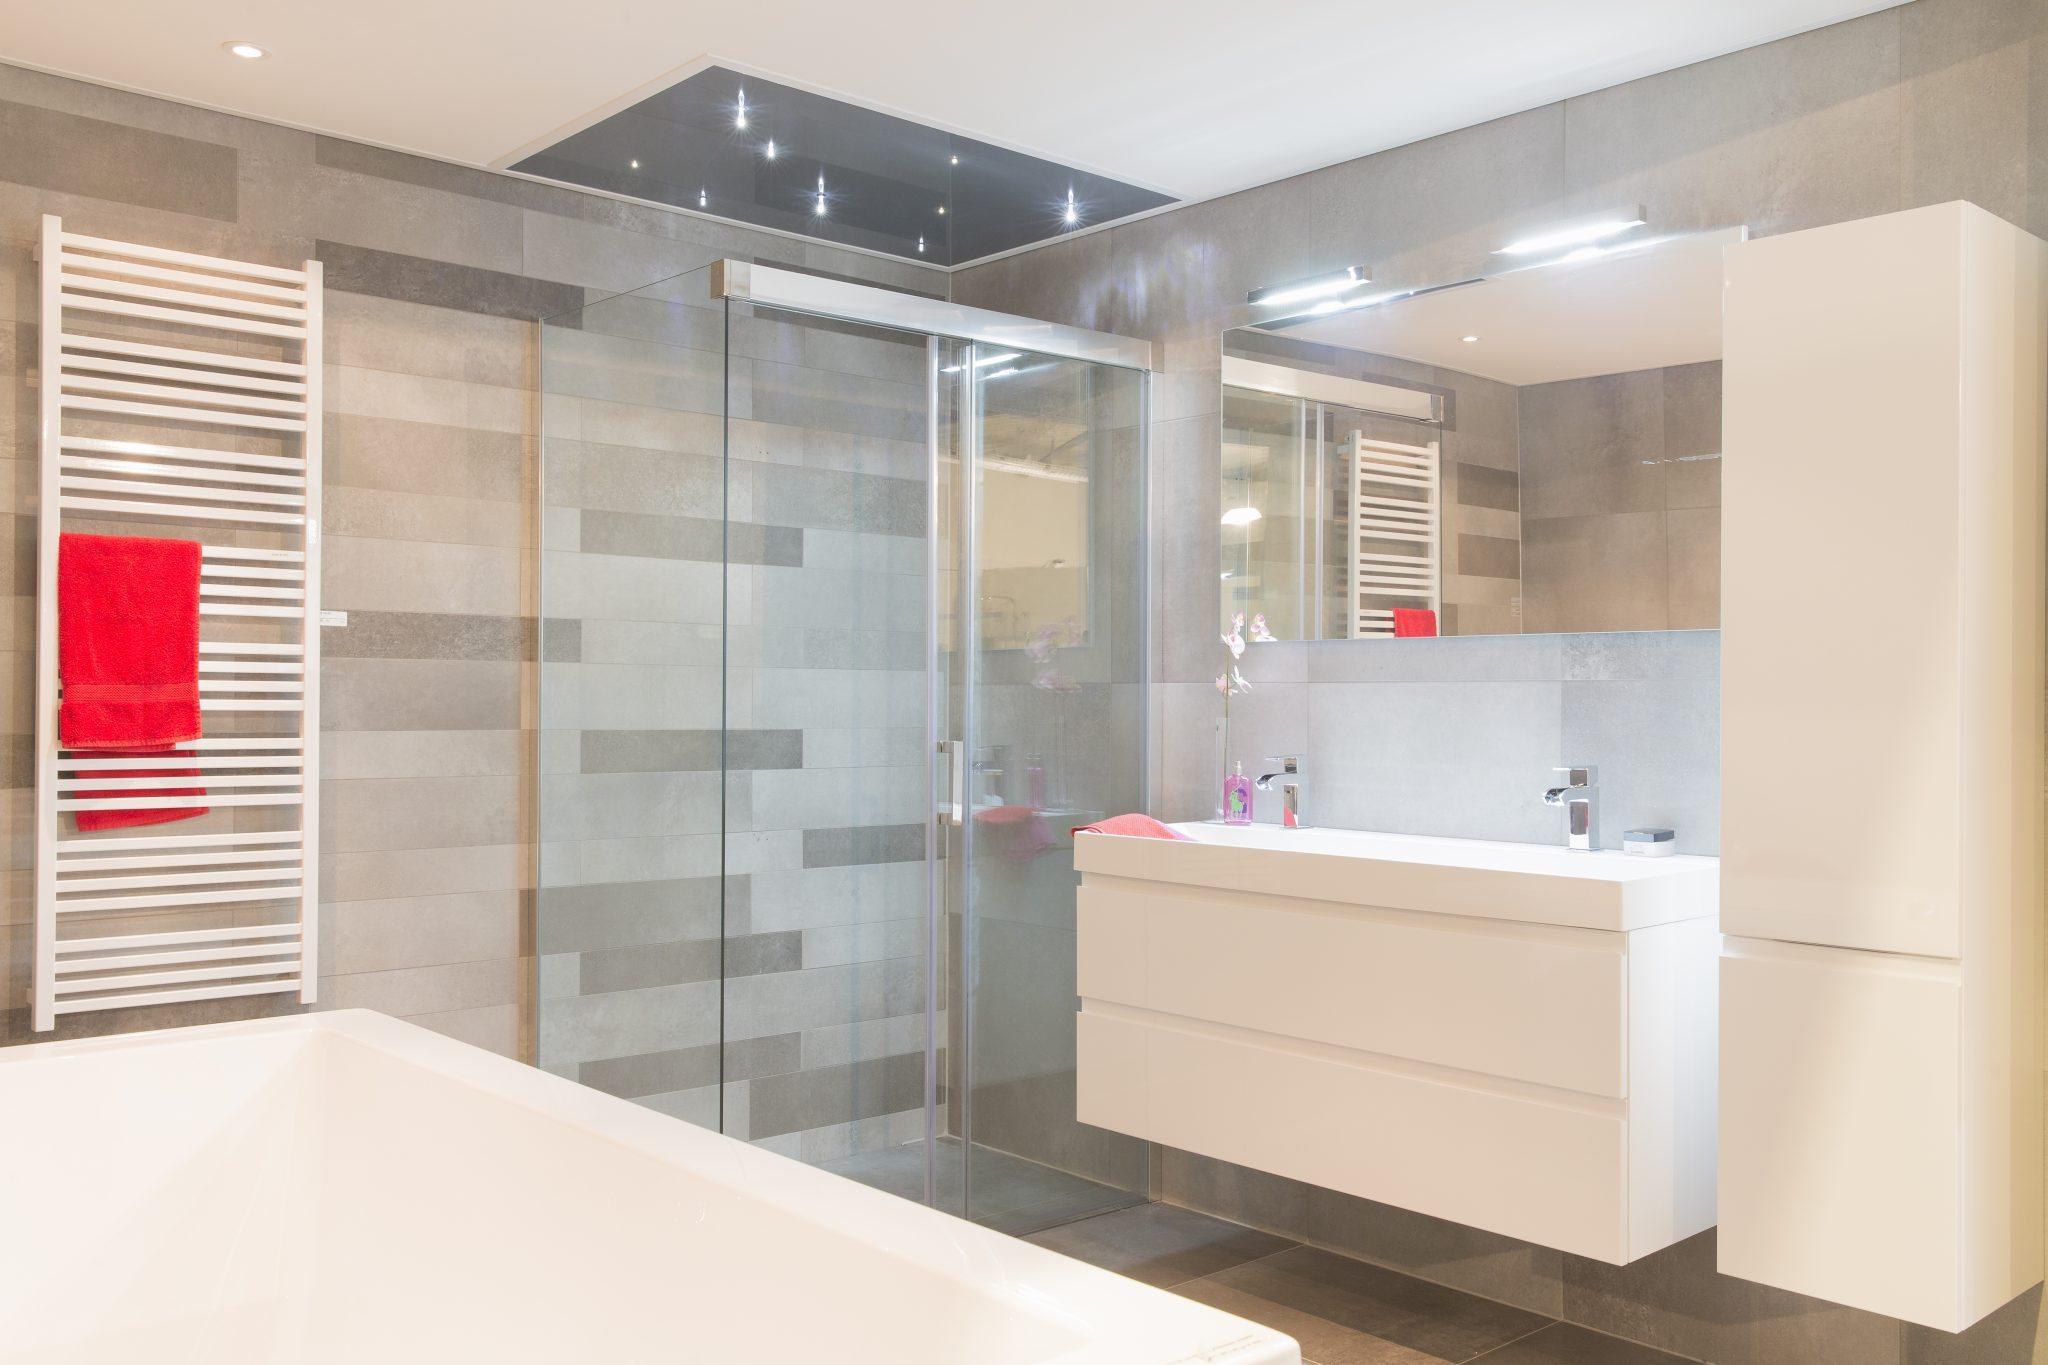 Badkamer low budget badkamer ontwerp idee n for Geenen interieur